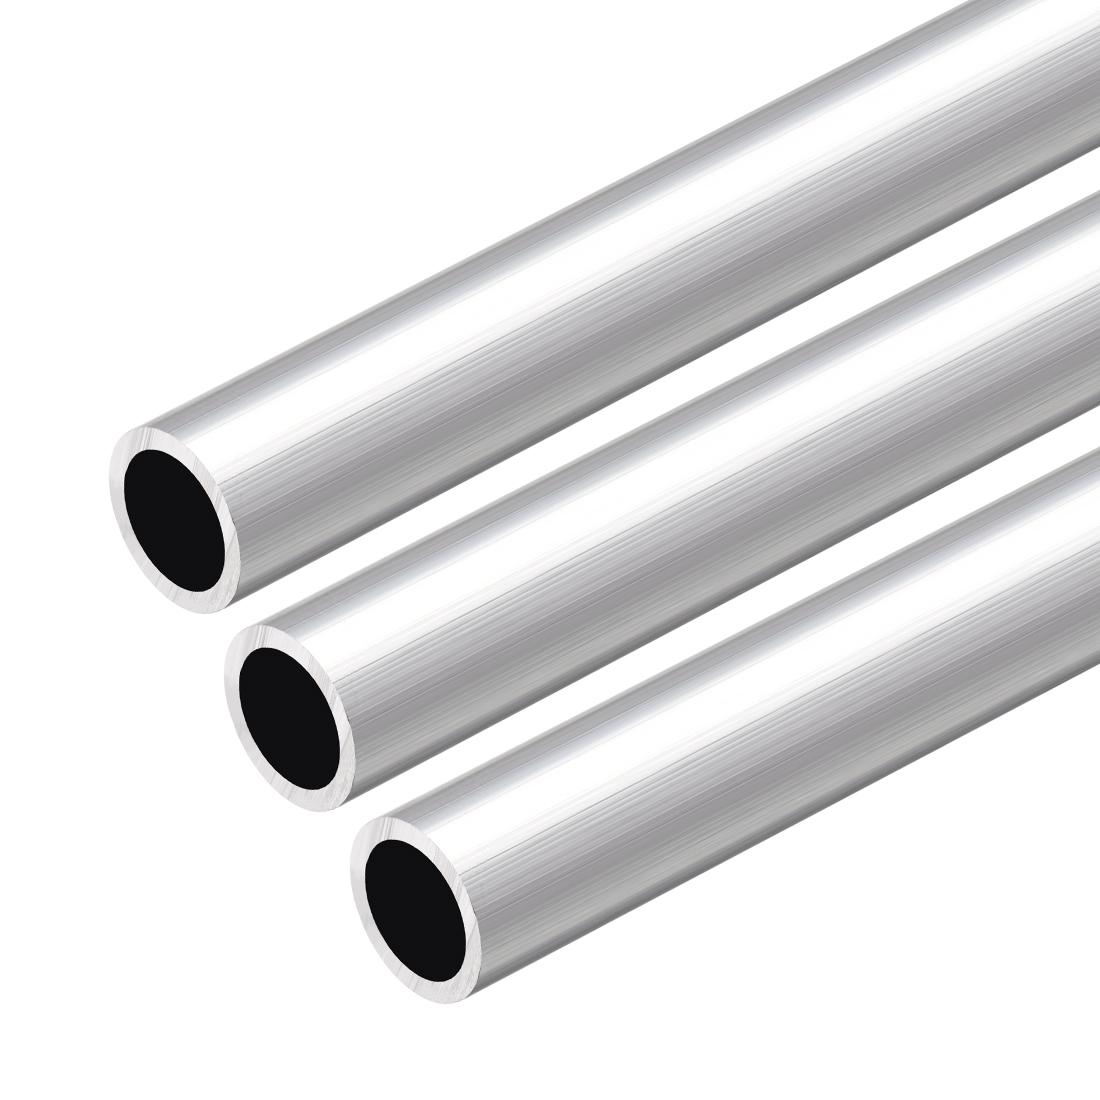 6063 Aluminum Round Tube 300mm Length 14mm OD 10mm Inner Dia Seamless Tube 3 Pcs